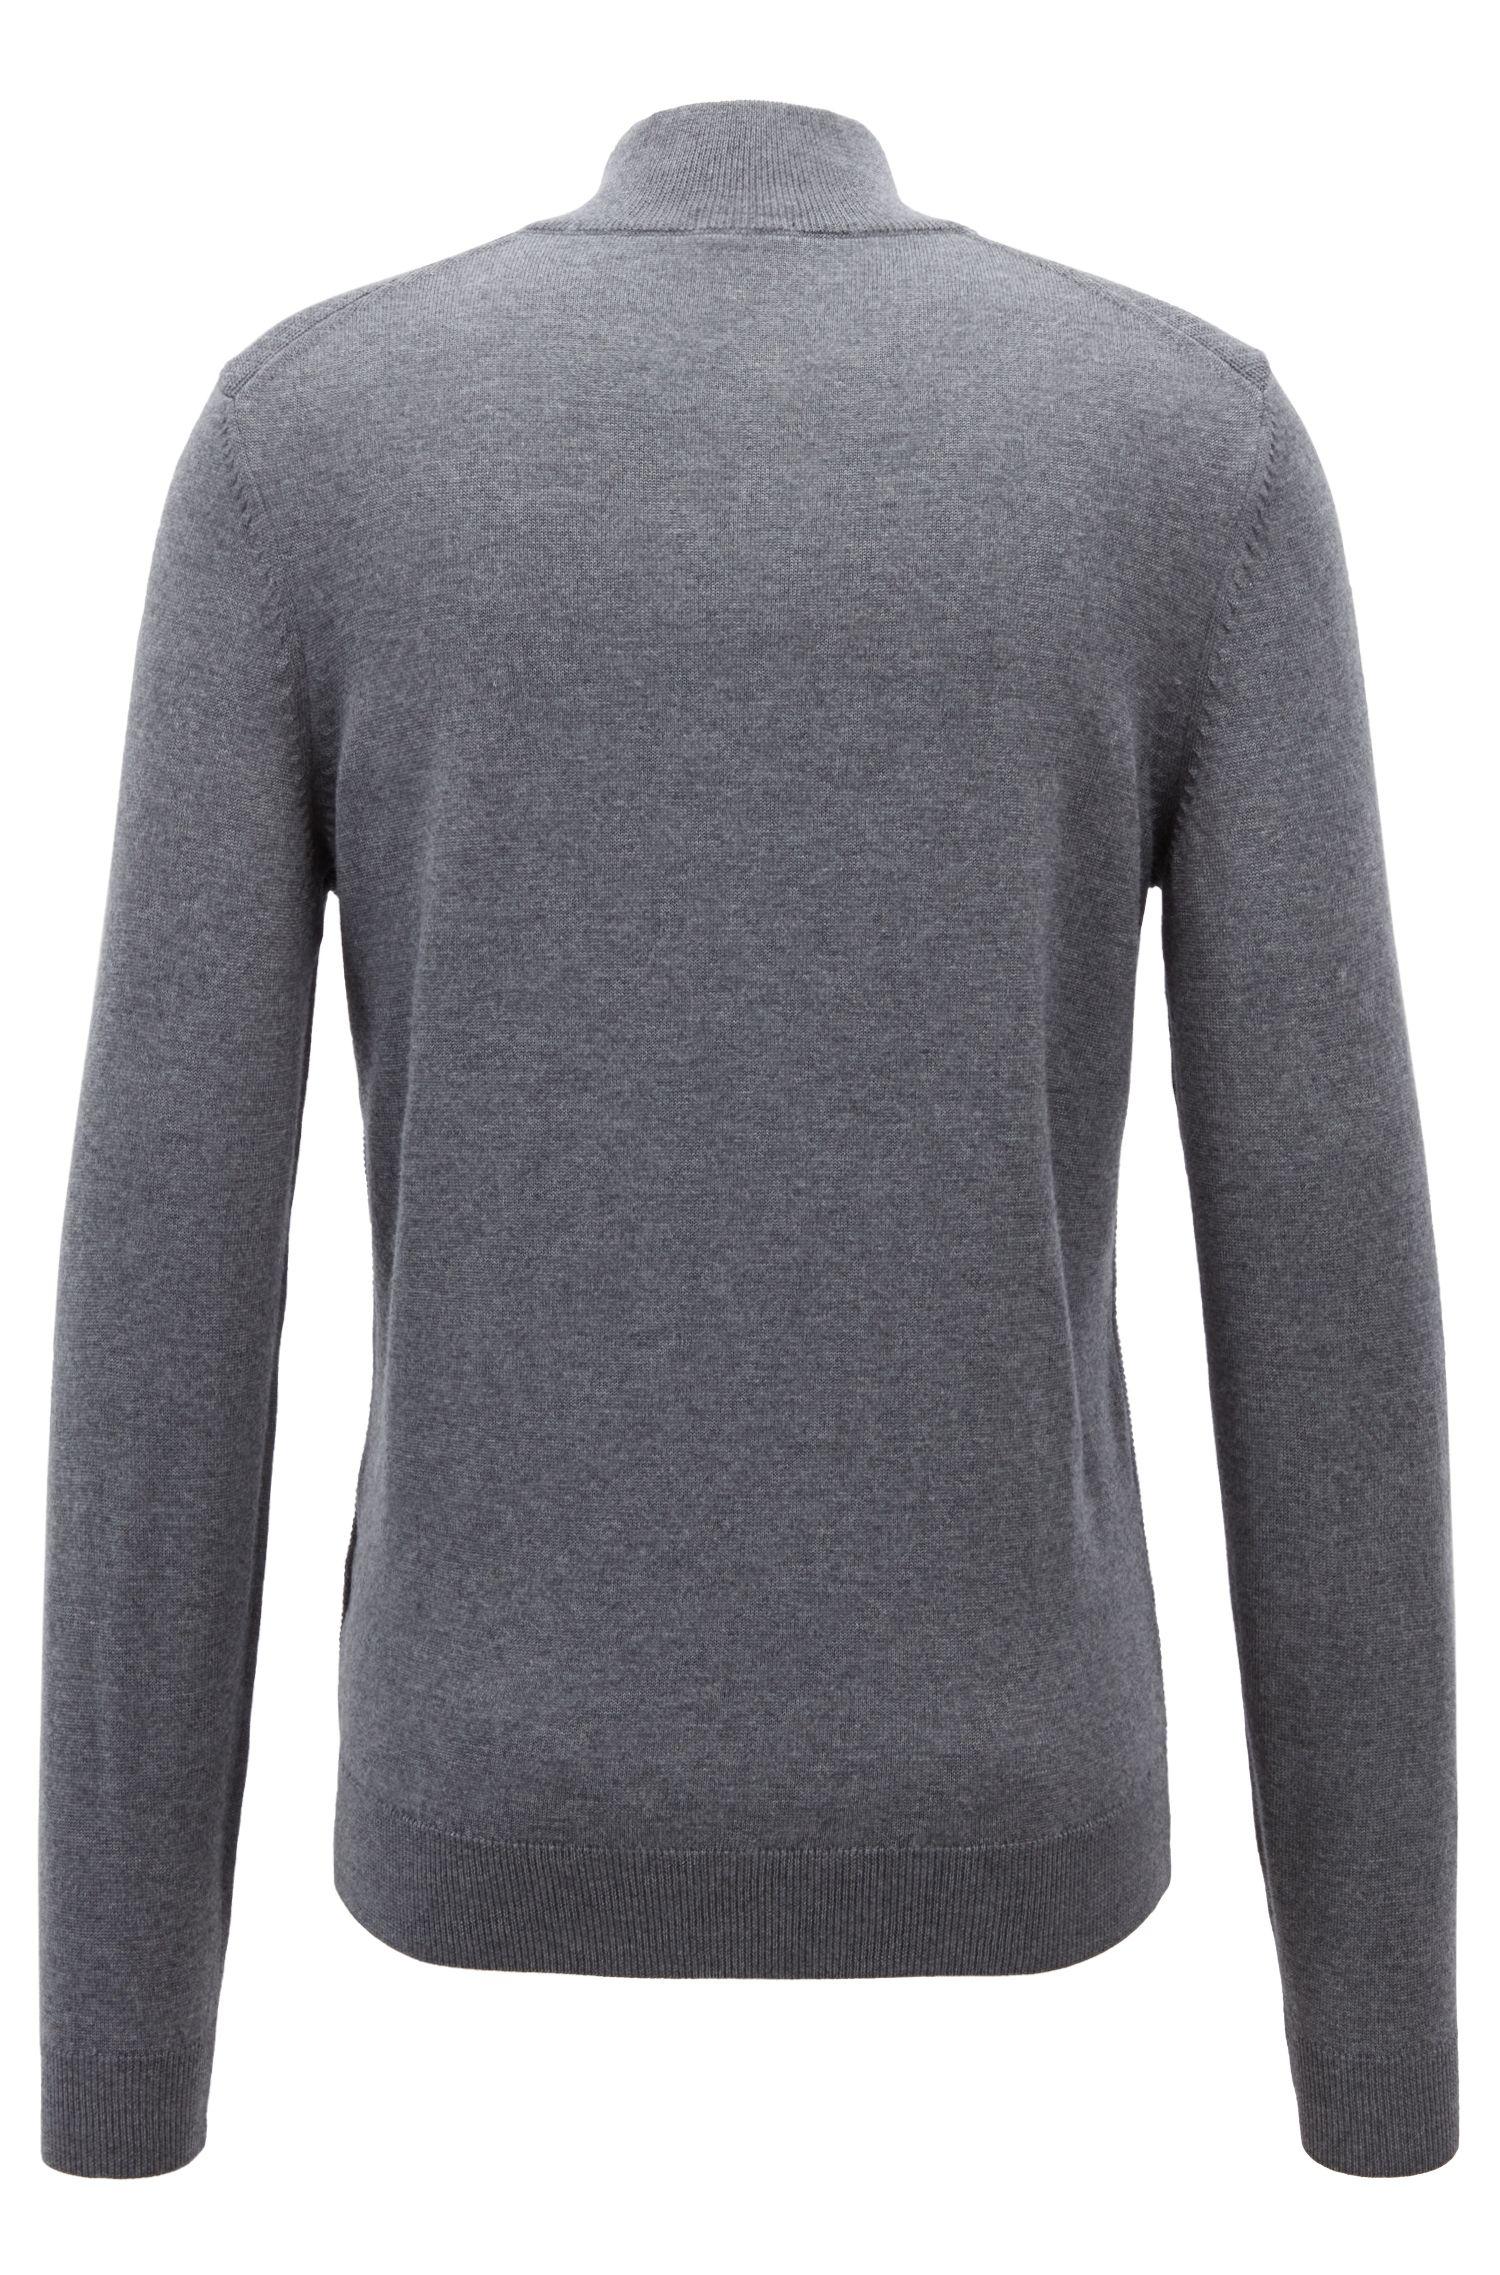 Maglione in lana merino realizzata in Italia con zip sul colletto, Grigio